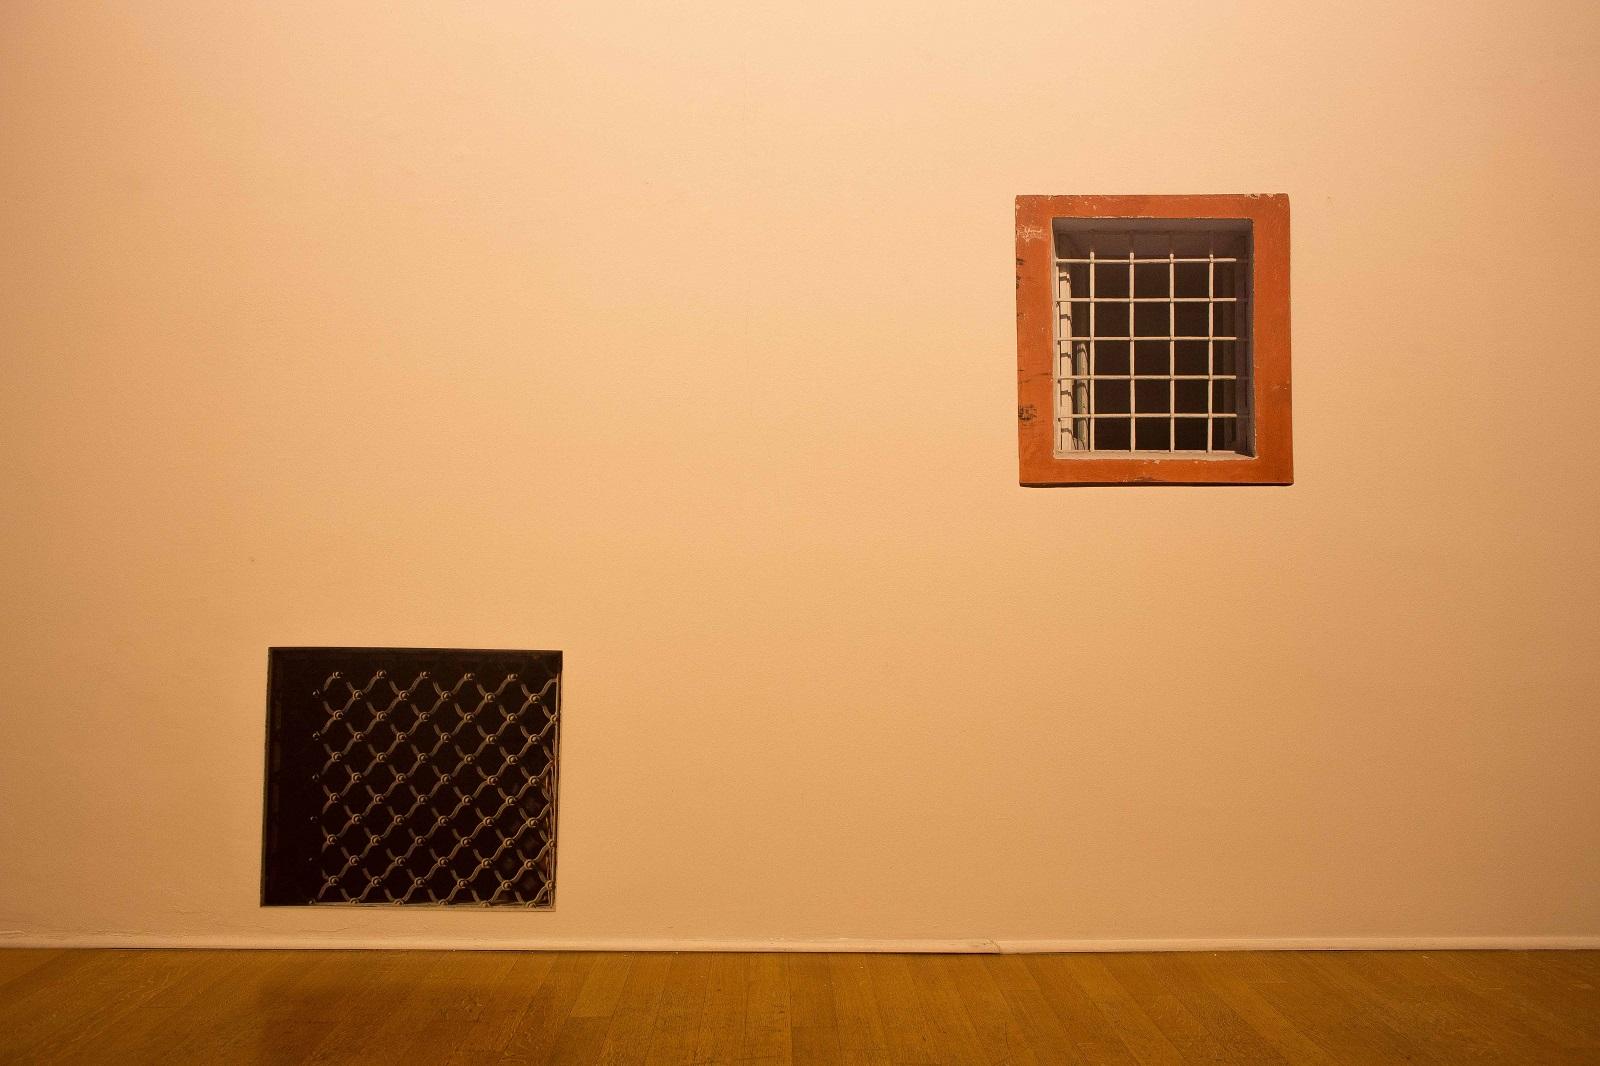 sbagliato-at-galleria-toselli-recap-12